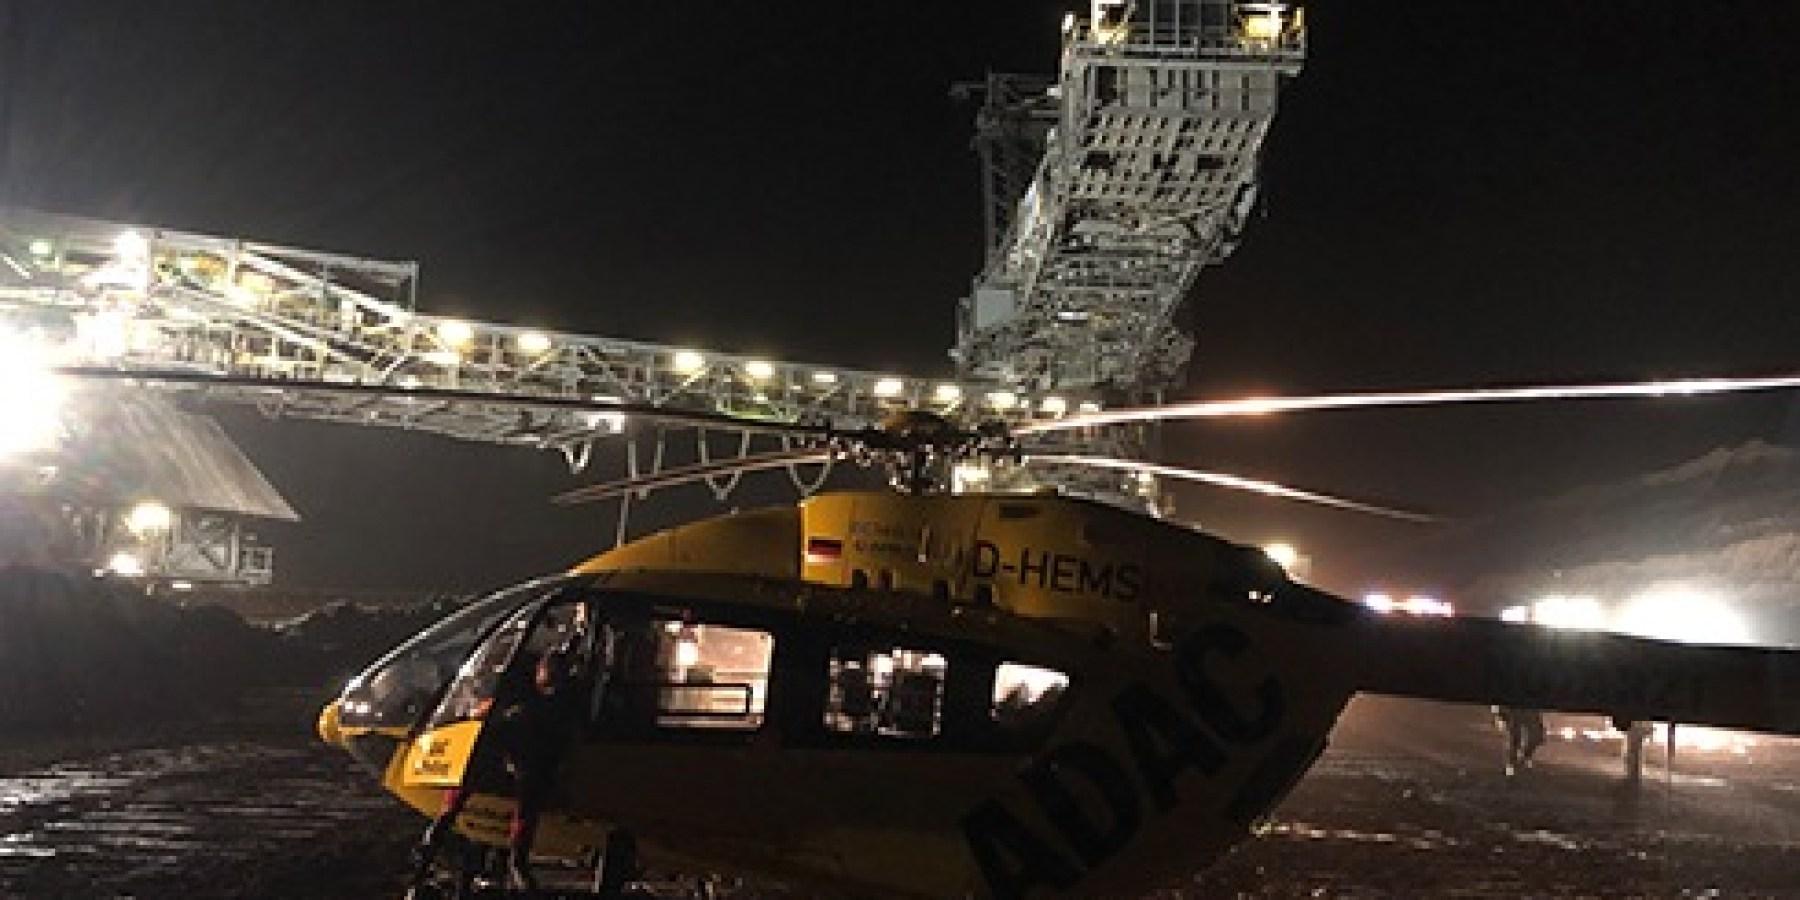 """Christoph Westfalen"""" fliegt Notfalleinsätze auch bei Nacht – Probebetrieb mit Nachtsichtbrillen erfolgreich"""